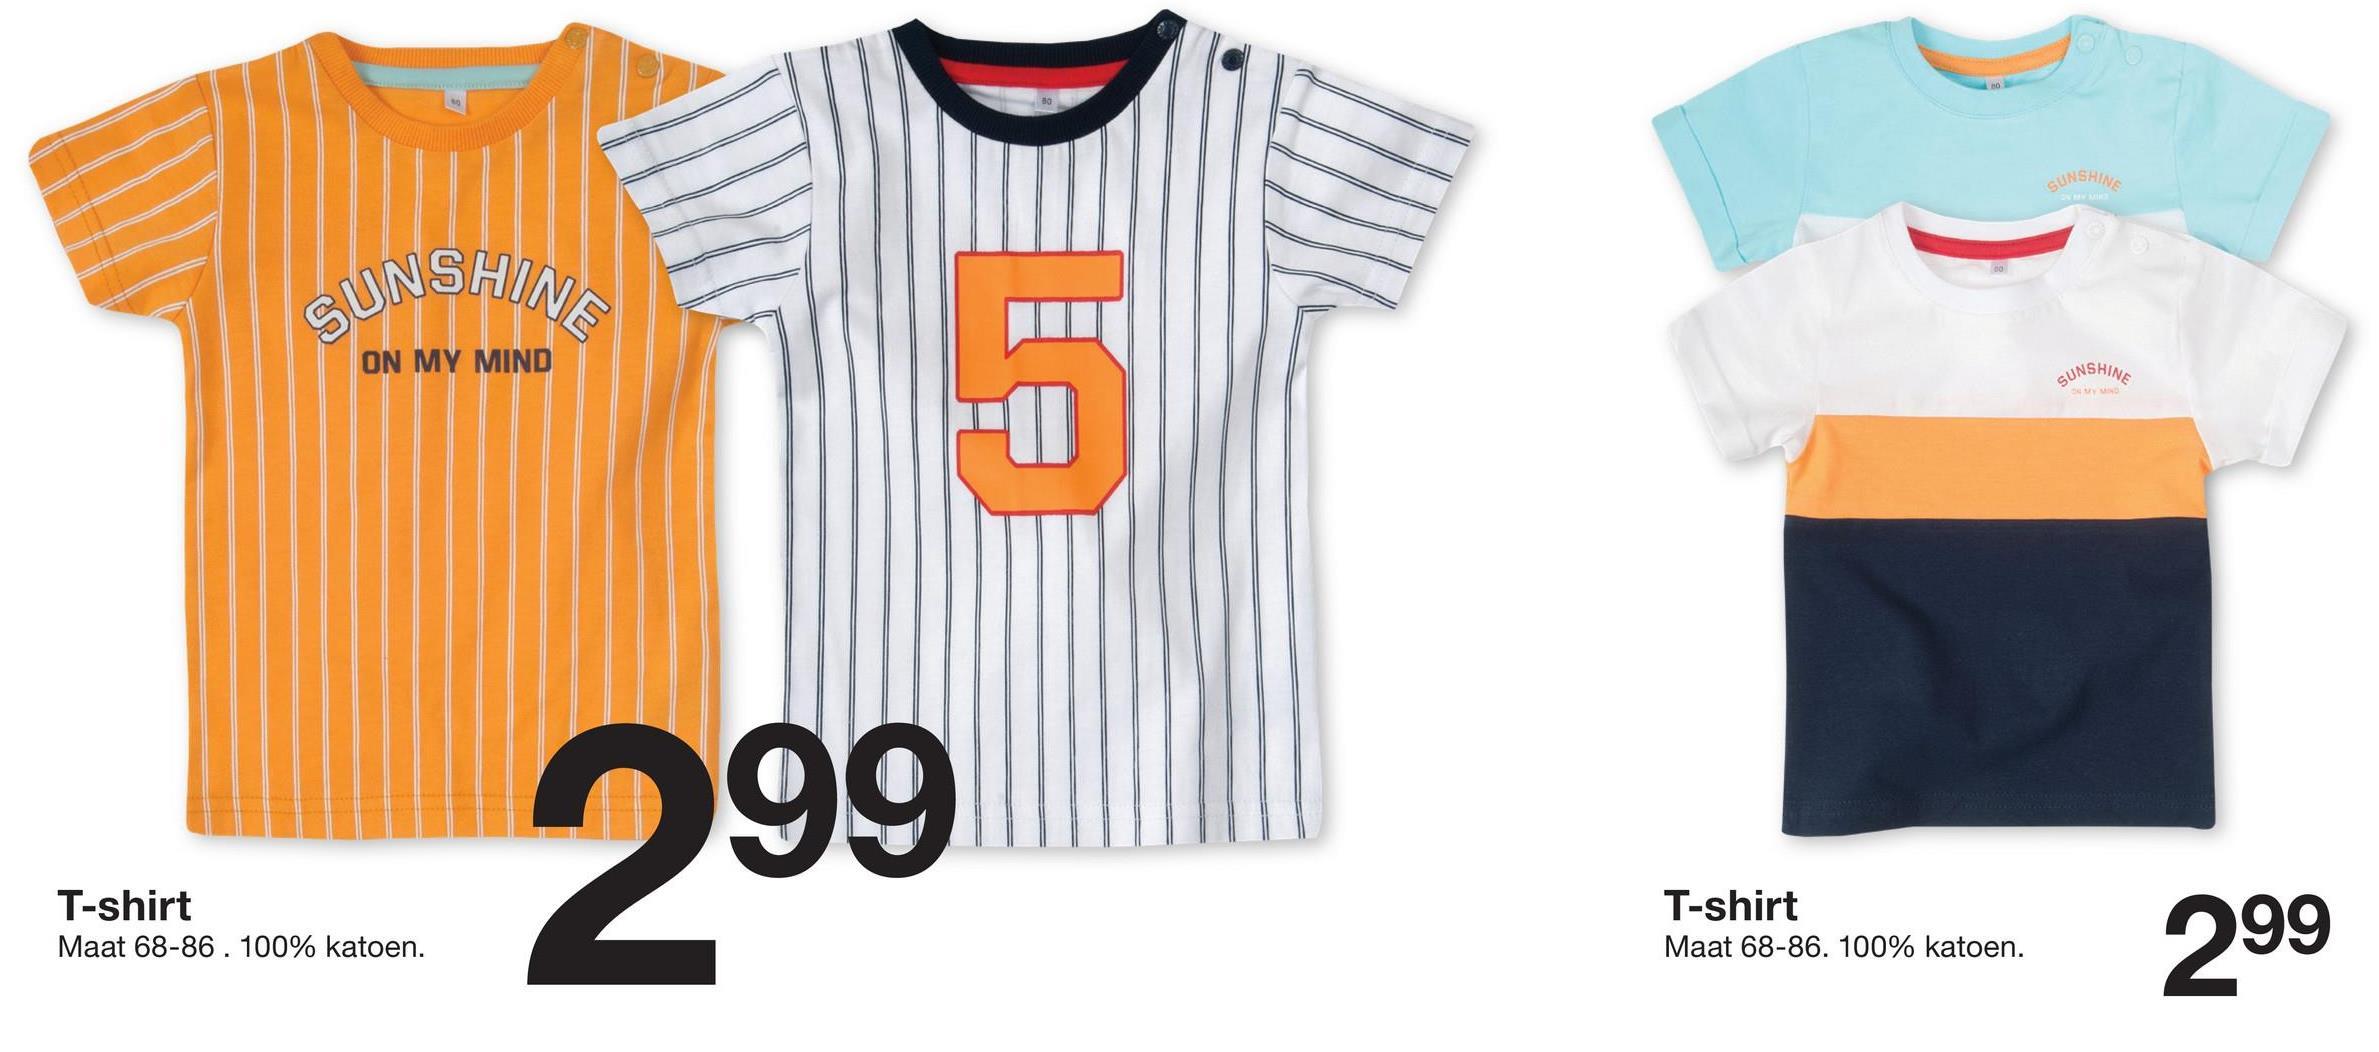 SUNSHIN CUNSHINE ON MY MIND GUNSHINE 299 T-shirt Maat 68-86. 100% katoen. T-shirt Maat 68-86. 100% katoen. 999